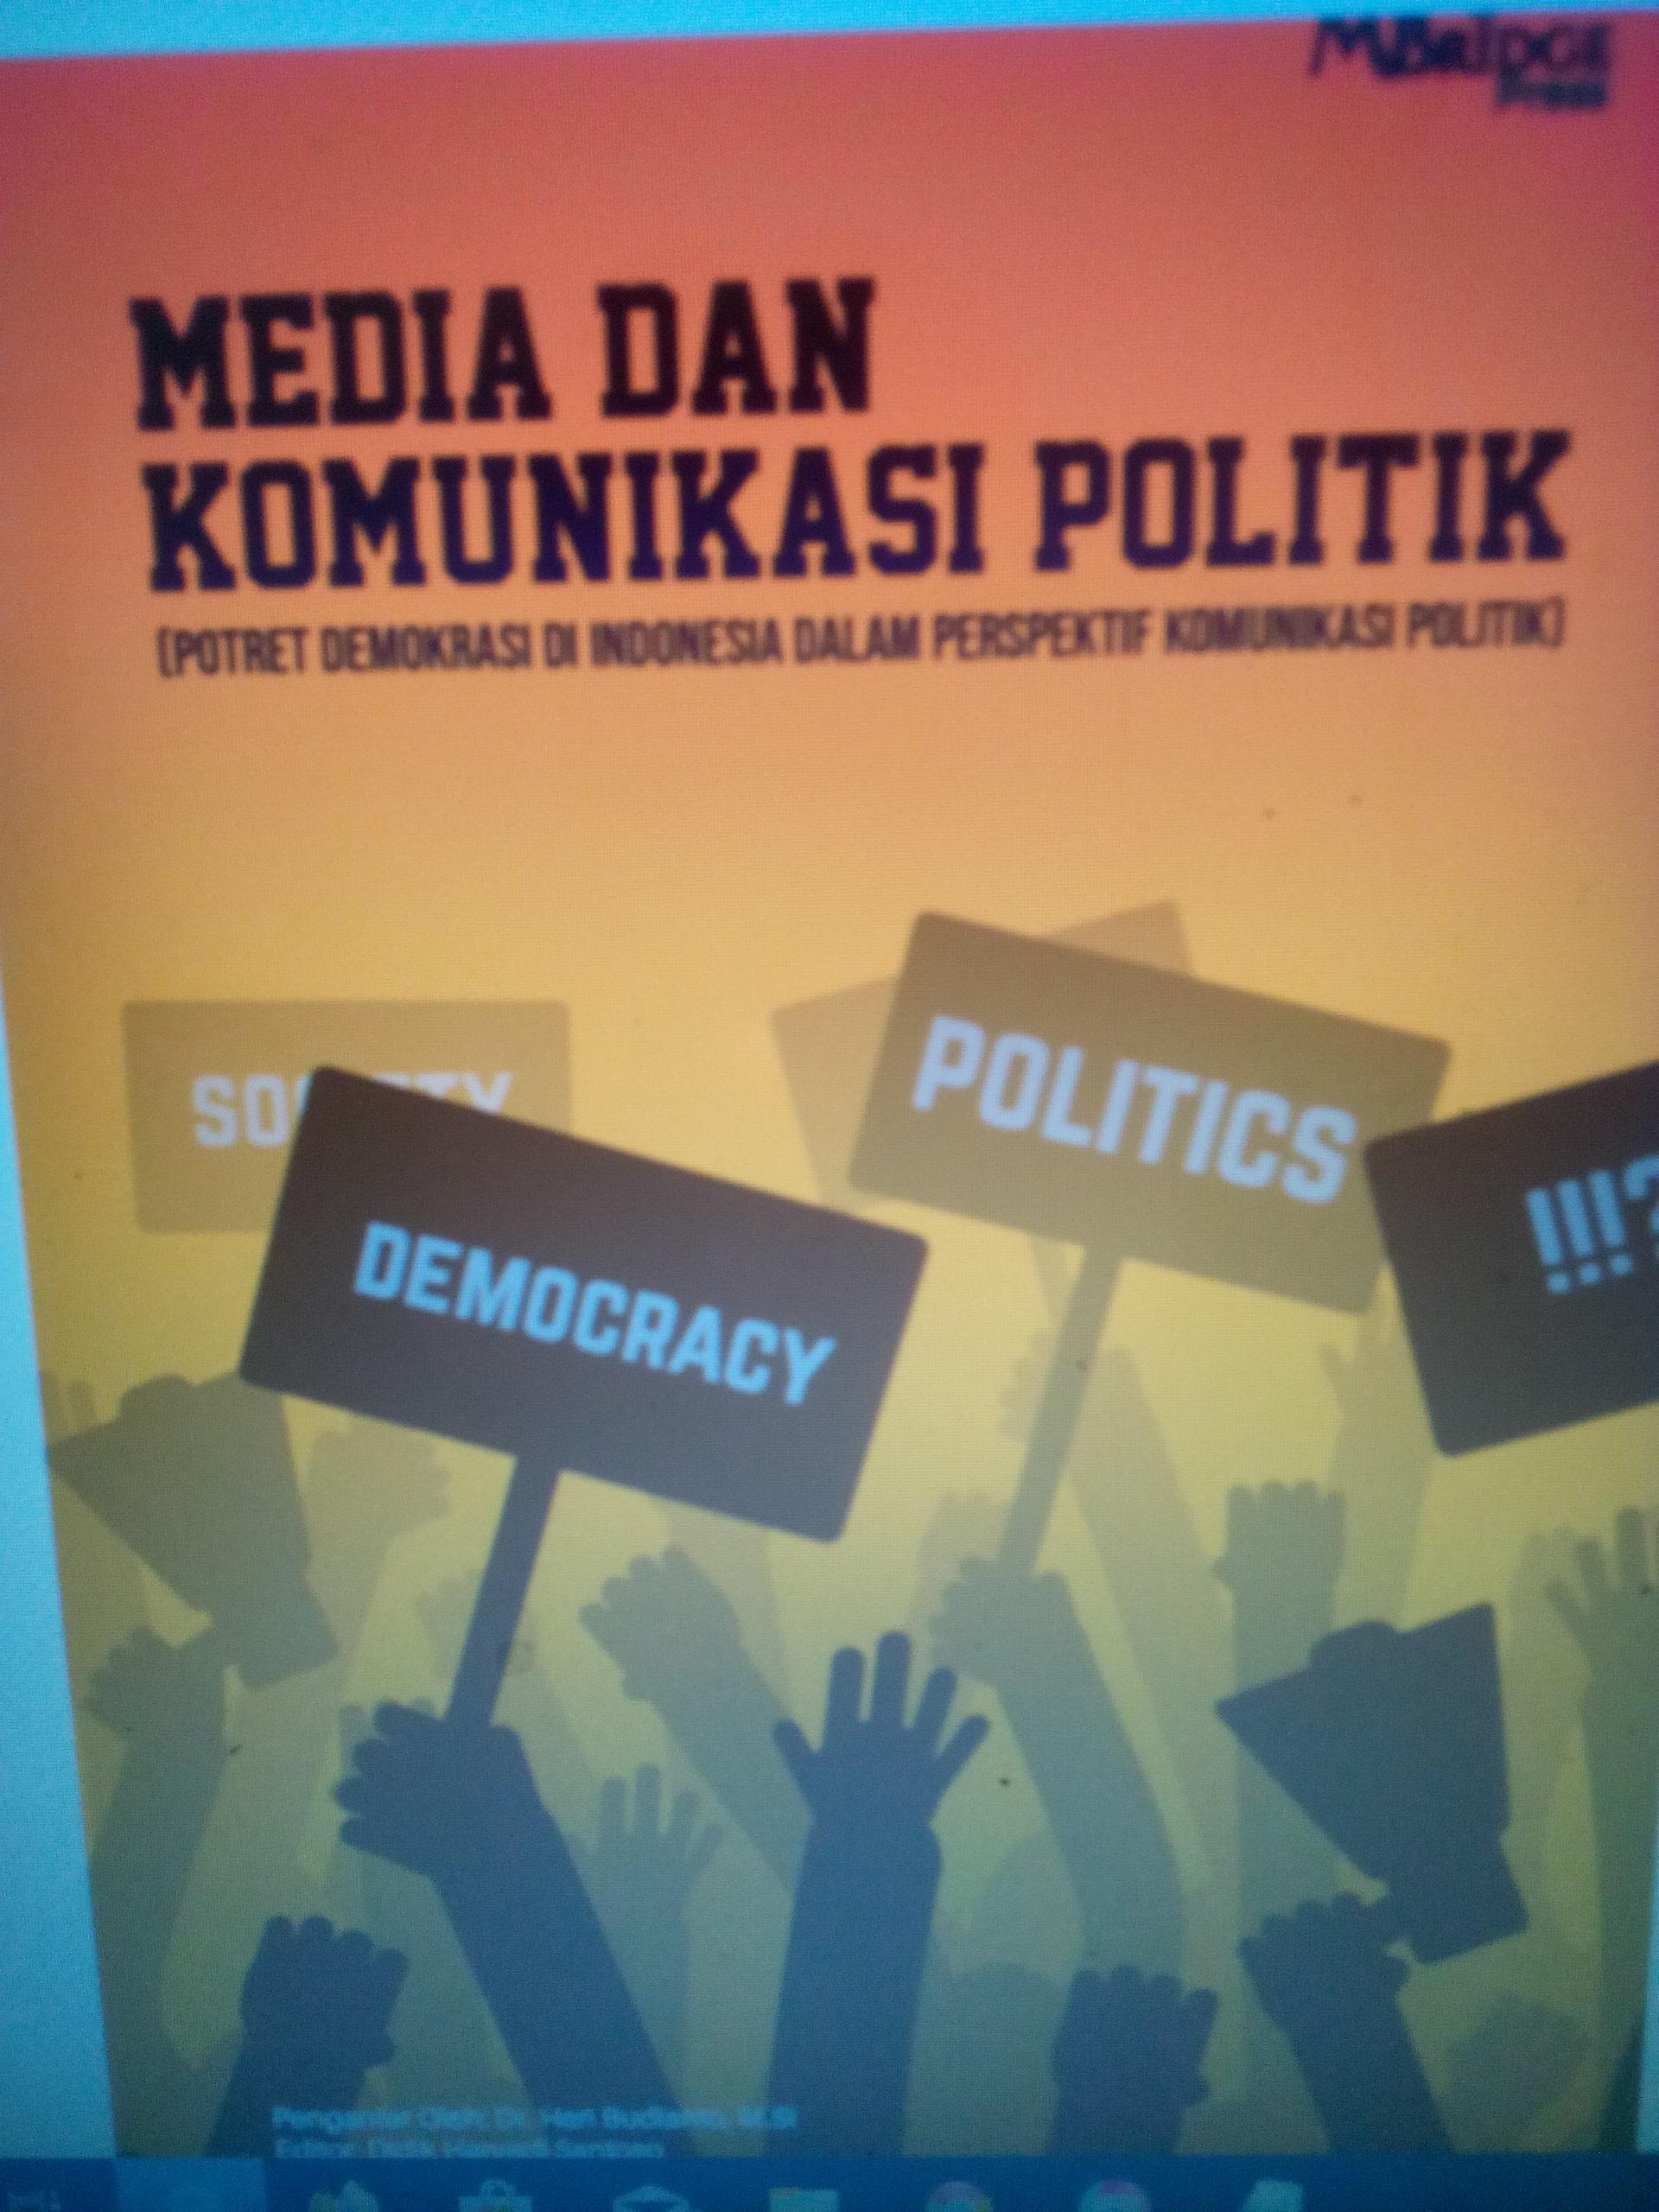 Publikasi: Refleksi 20 Tahun Orde Reformasi: Mengkritisi Gerakan Reformasi dan Manajemen Antikorupsi